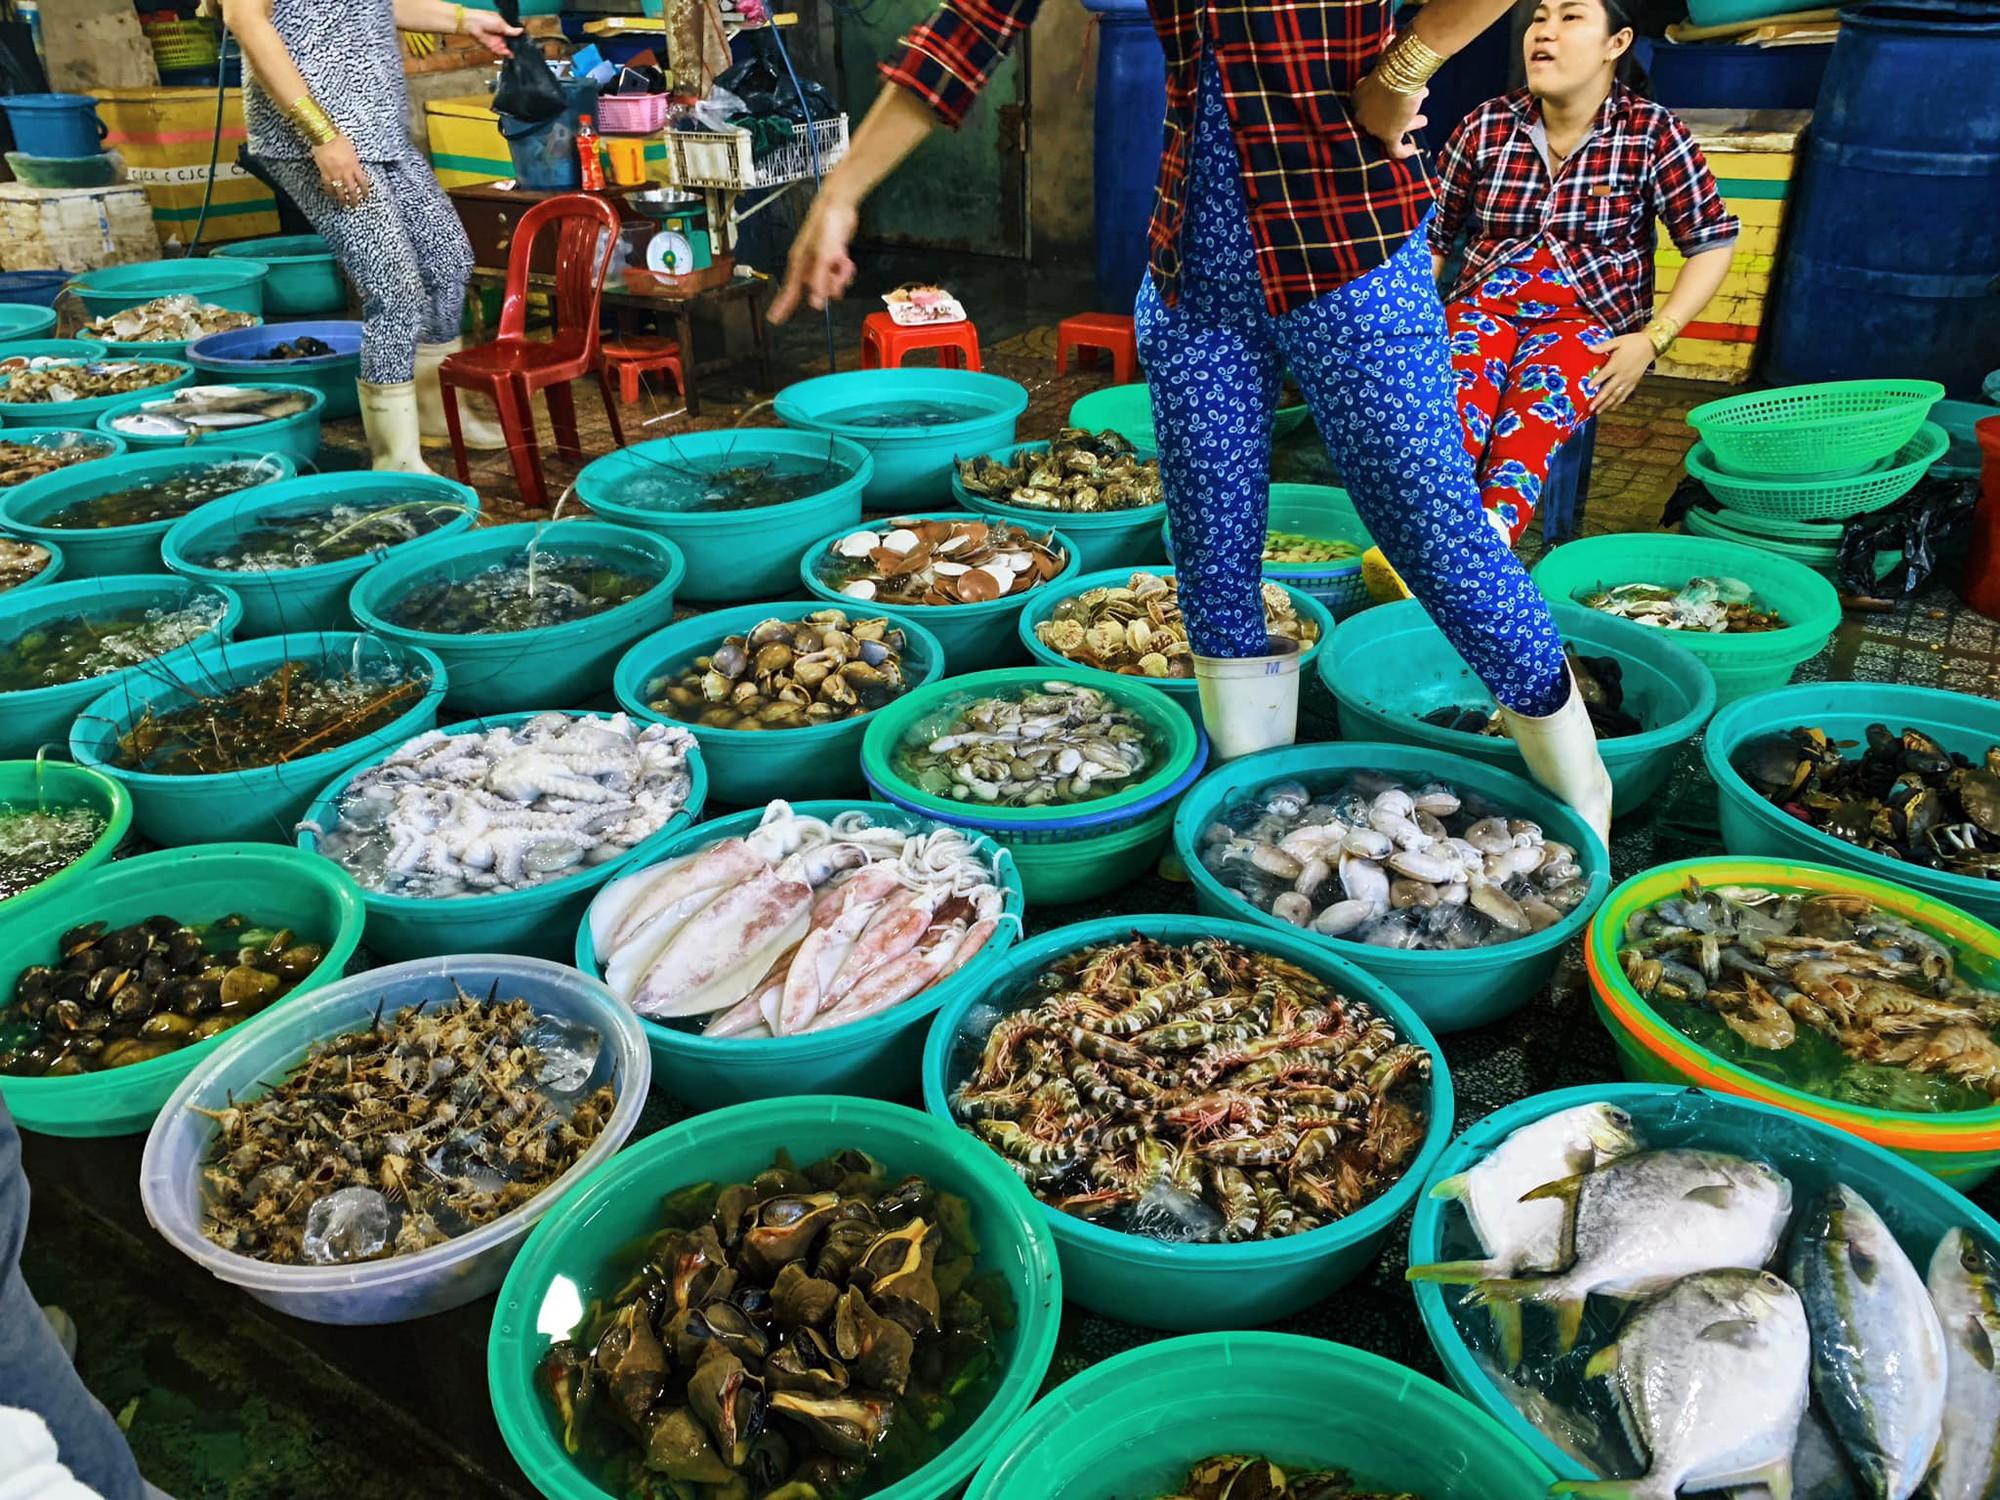 Những tour du lịch sinh thái gần Sài Gòn cho các gia đình có trẻ nhỏ ngày hè - Ảnh 10.